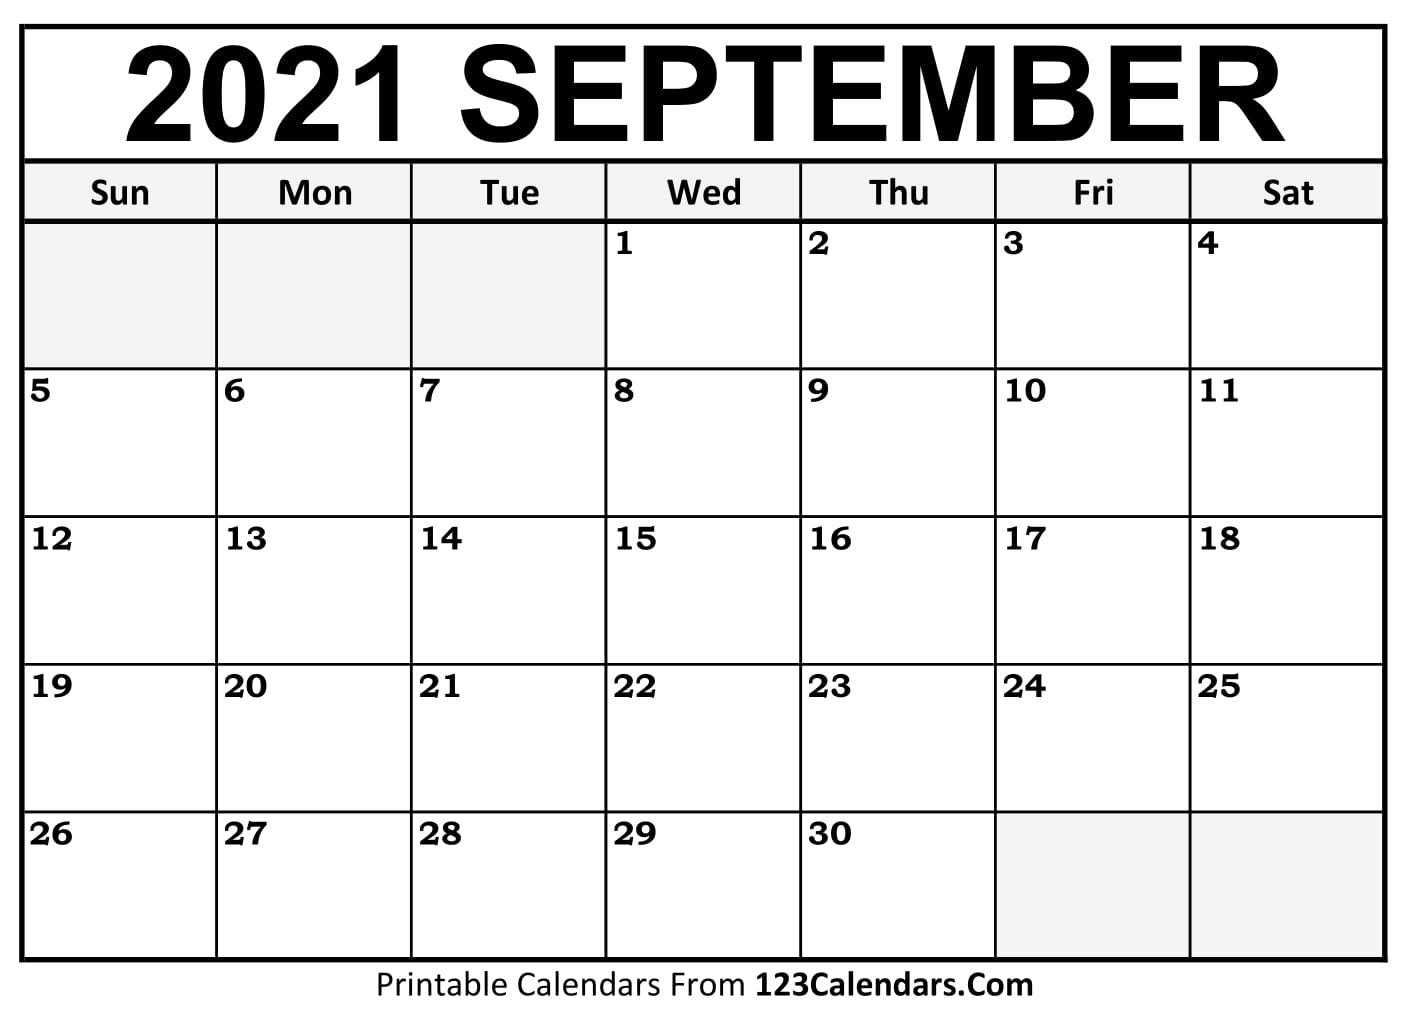 Printable September 20 Calendar Templates   20Calendars.com